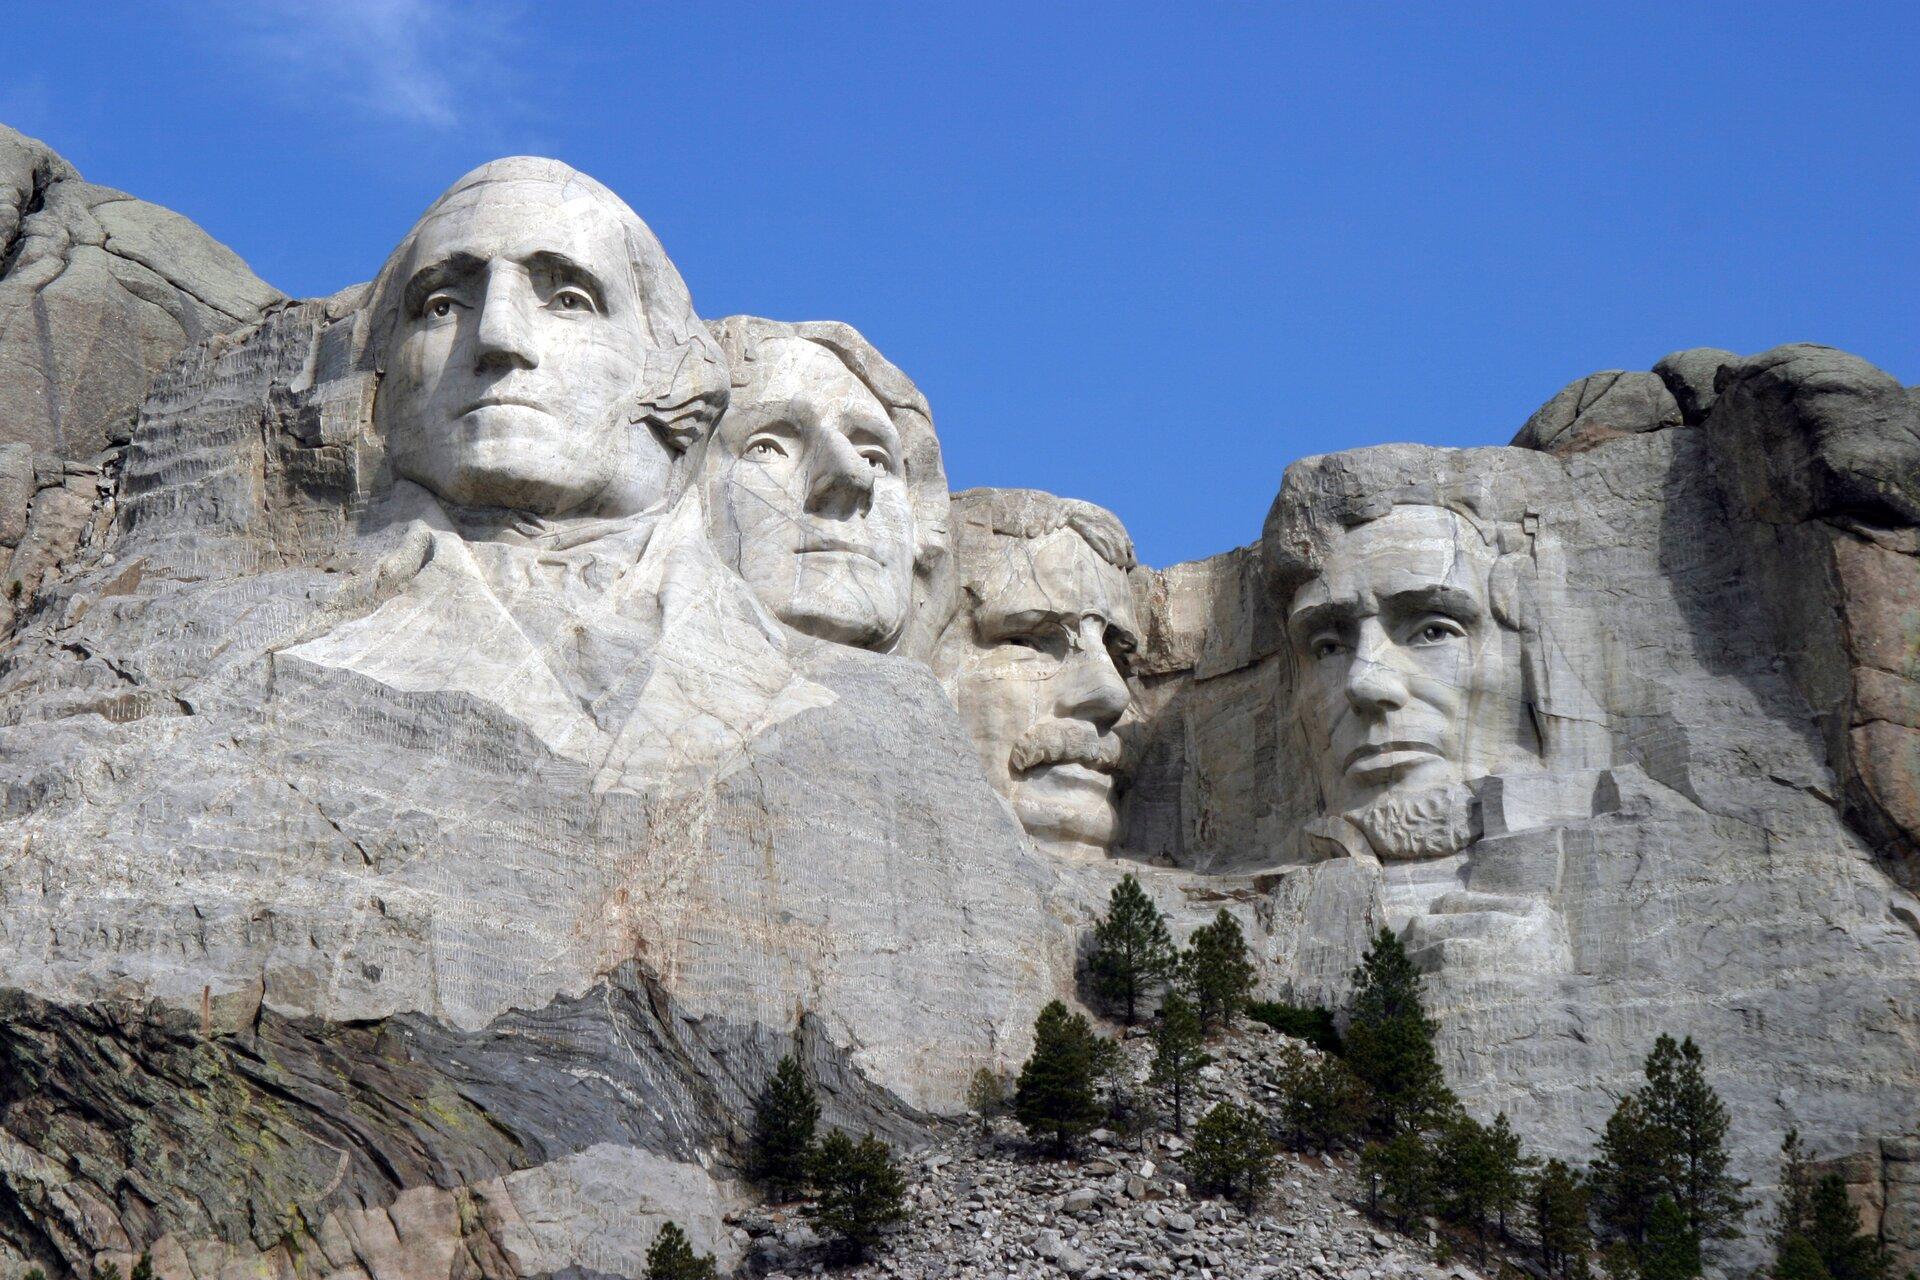 """Ilustracja przedstawia """"Pomnik Mount Rushmore"""" autorstwa Gutzona Borglumy. Ukazuje wykute wskałach głowy czterech prezydentów USA. Od lewej są to: George Washington, Thomas Jefferson, Theodore Roosevelt oraz Abraham Lincoln. Mimika postaci wskazuje na powagę."""